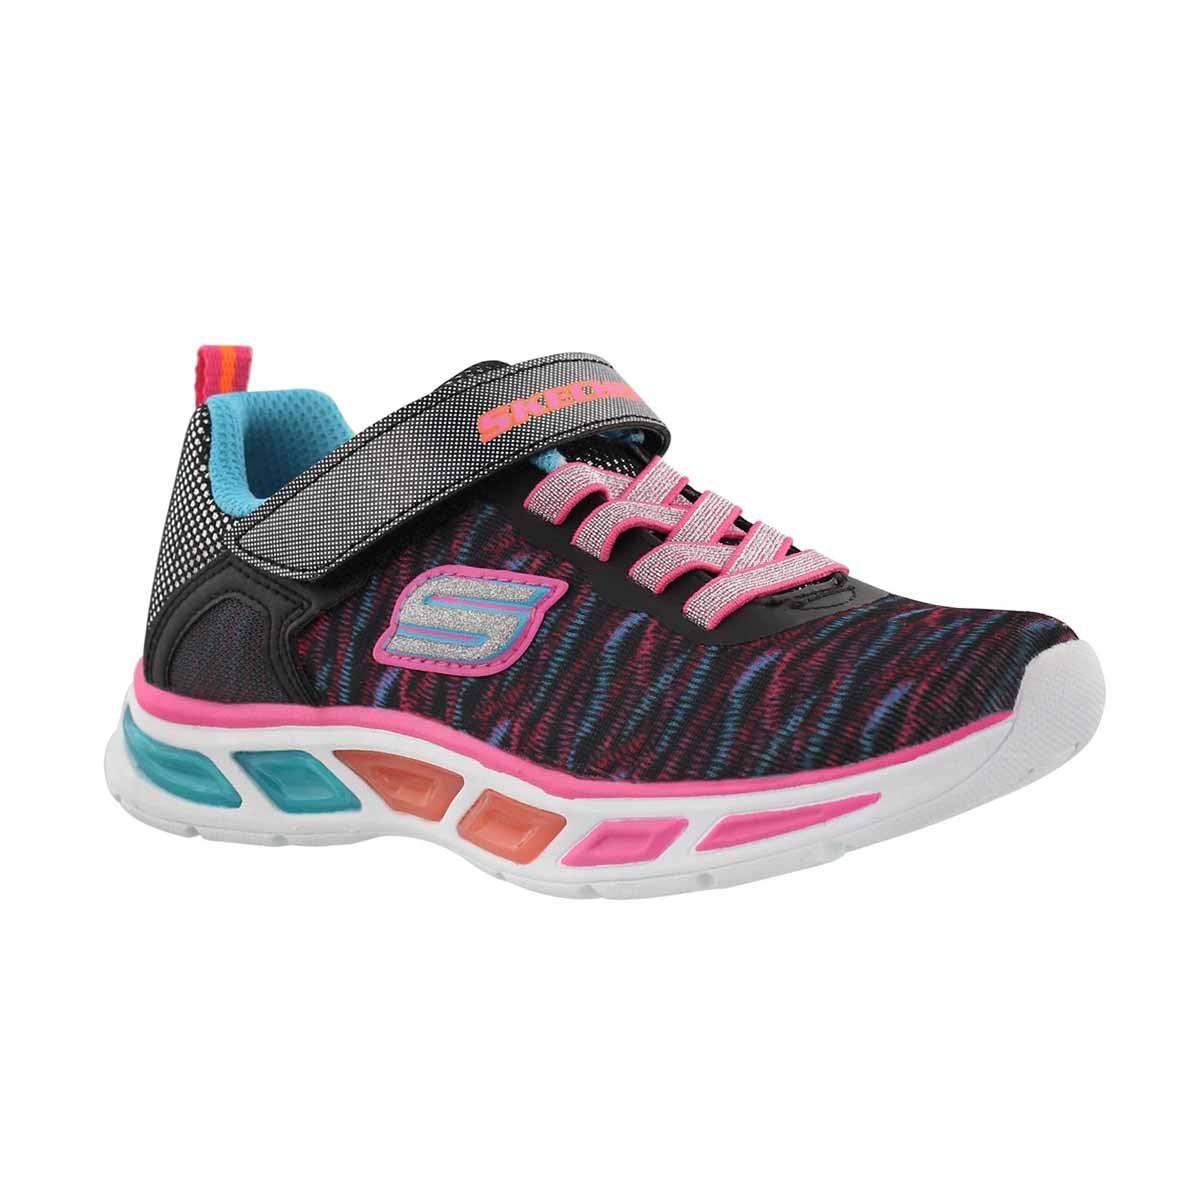 Girls' LITEBEAMS multi  lightup sneakers